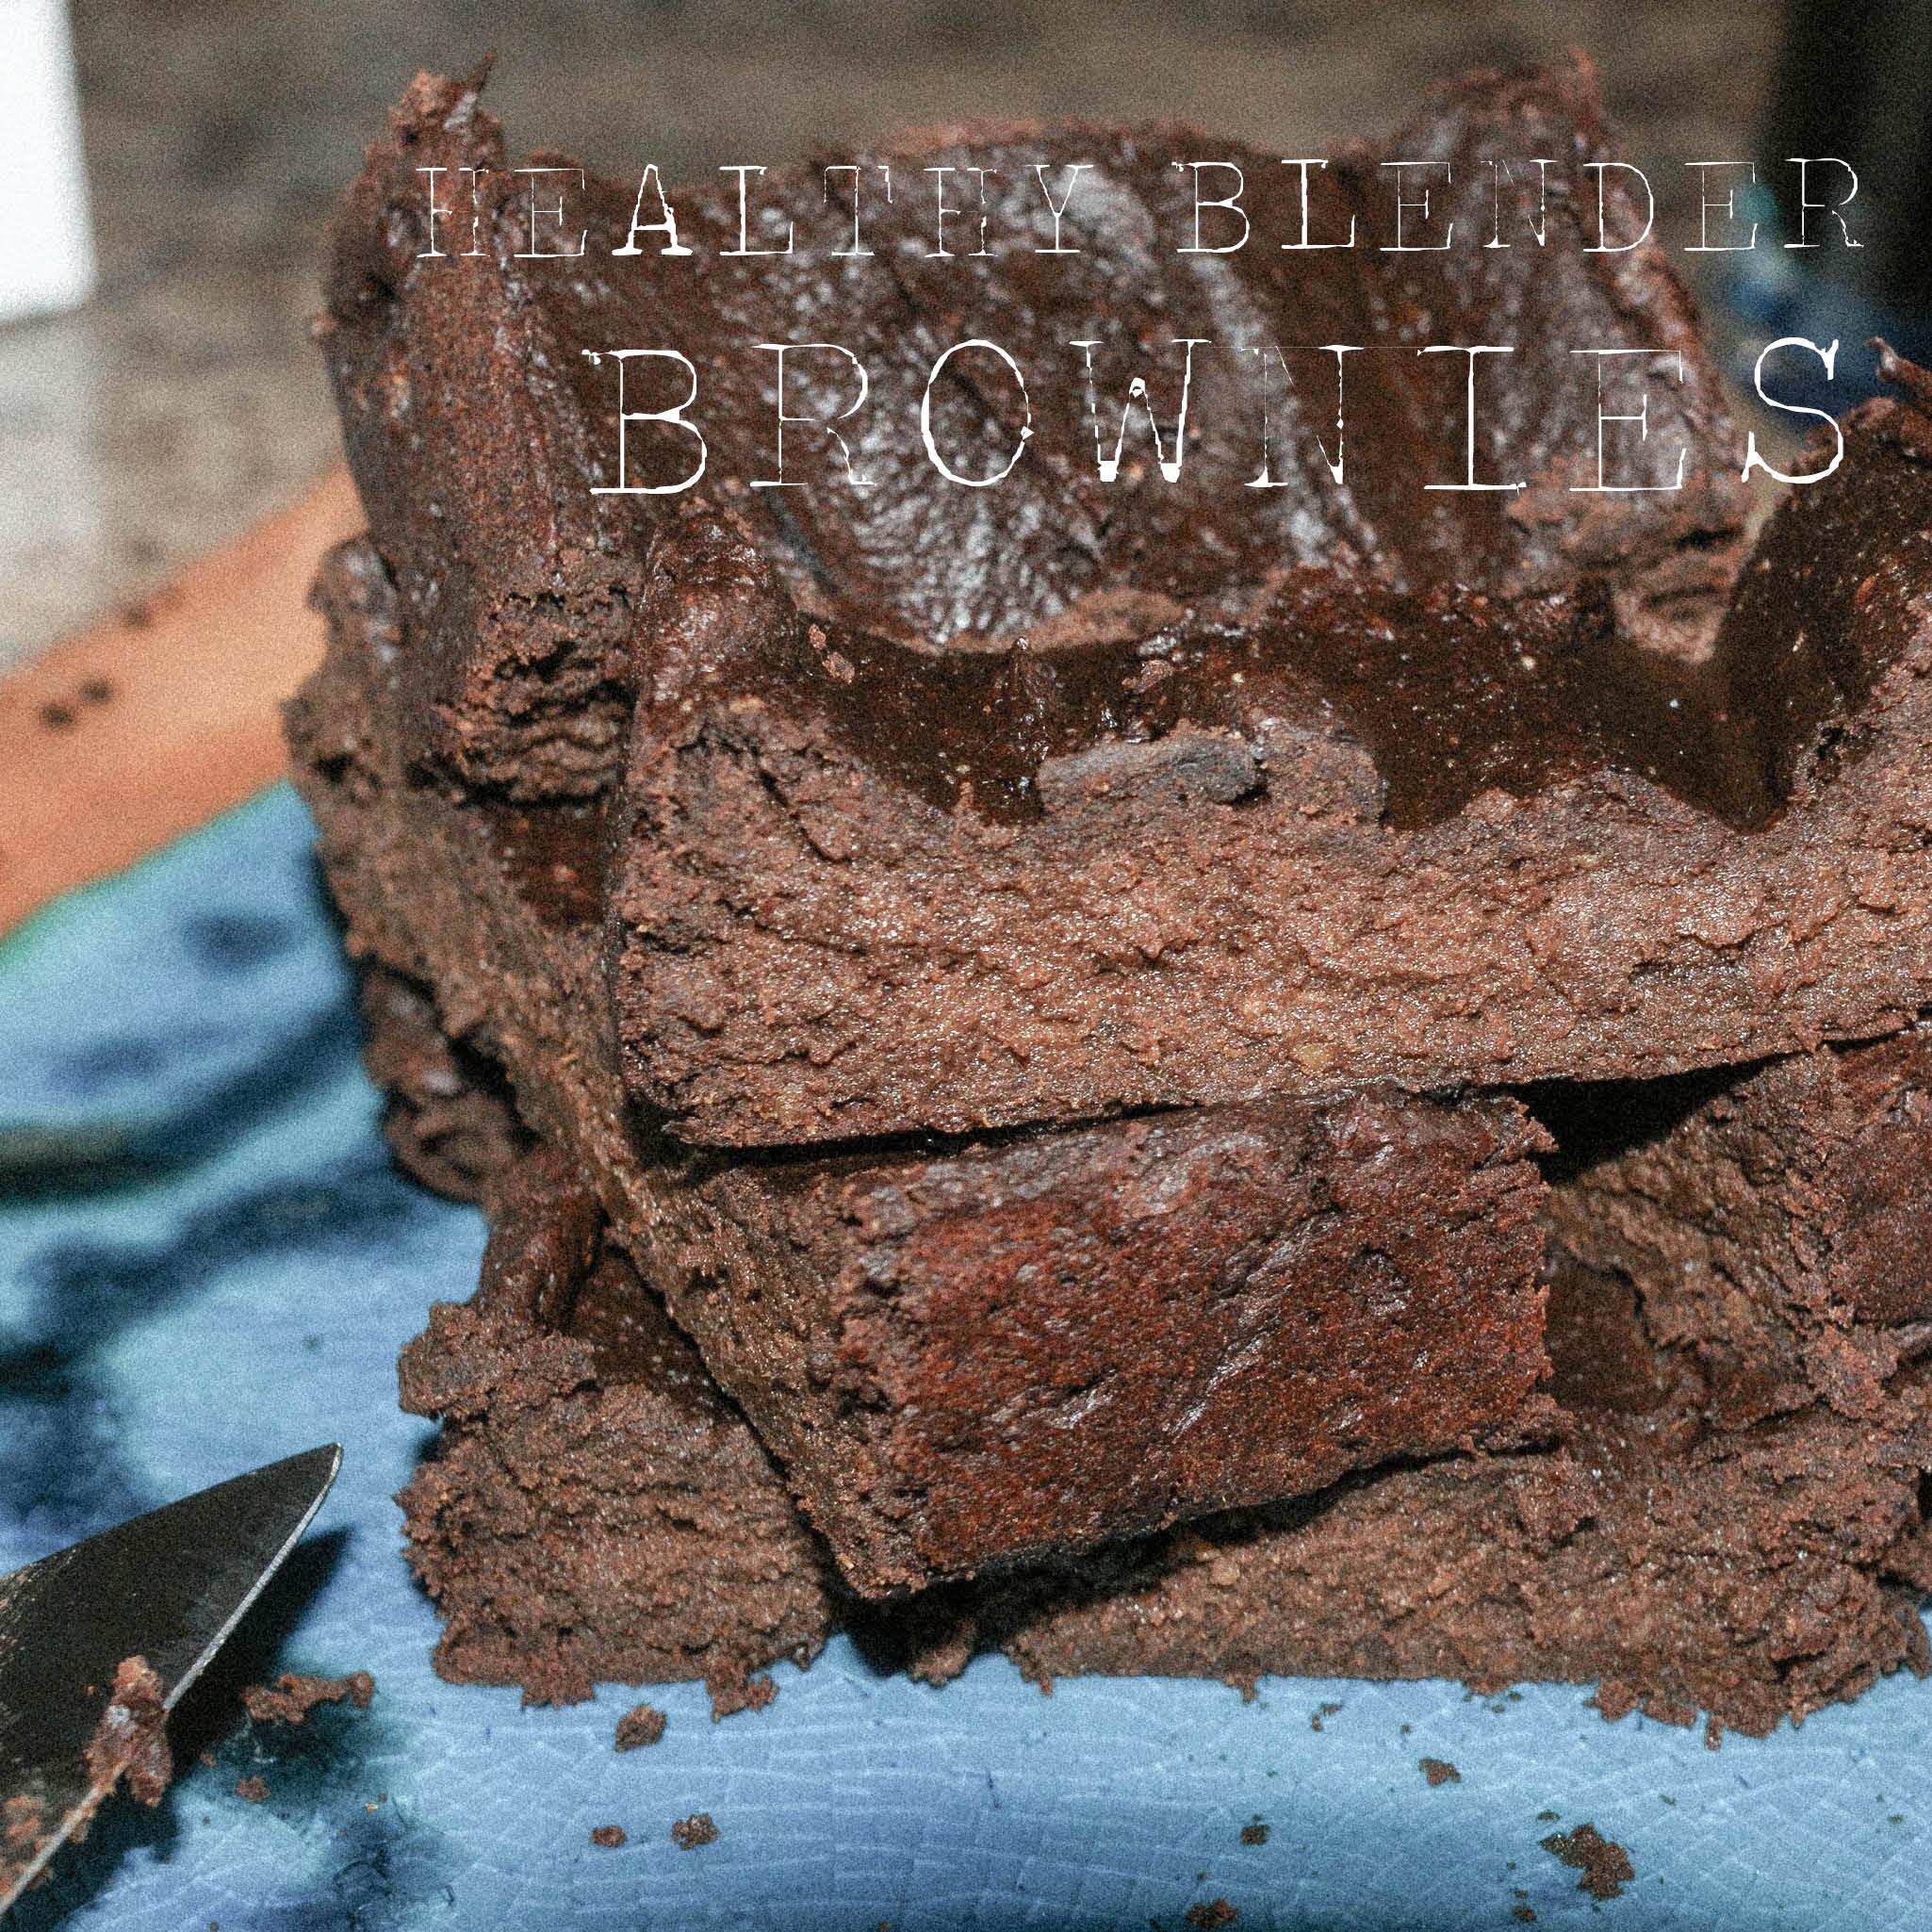 Kate's Blender Brownie